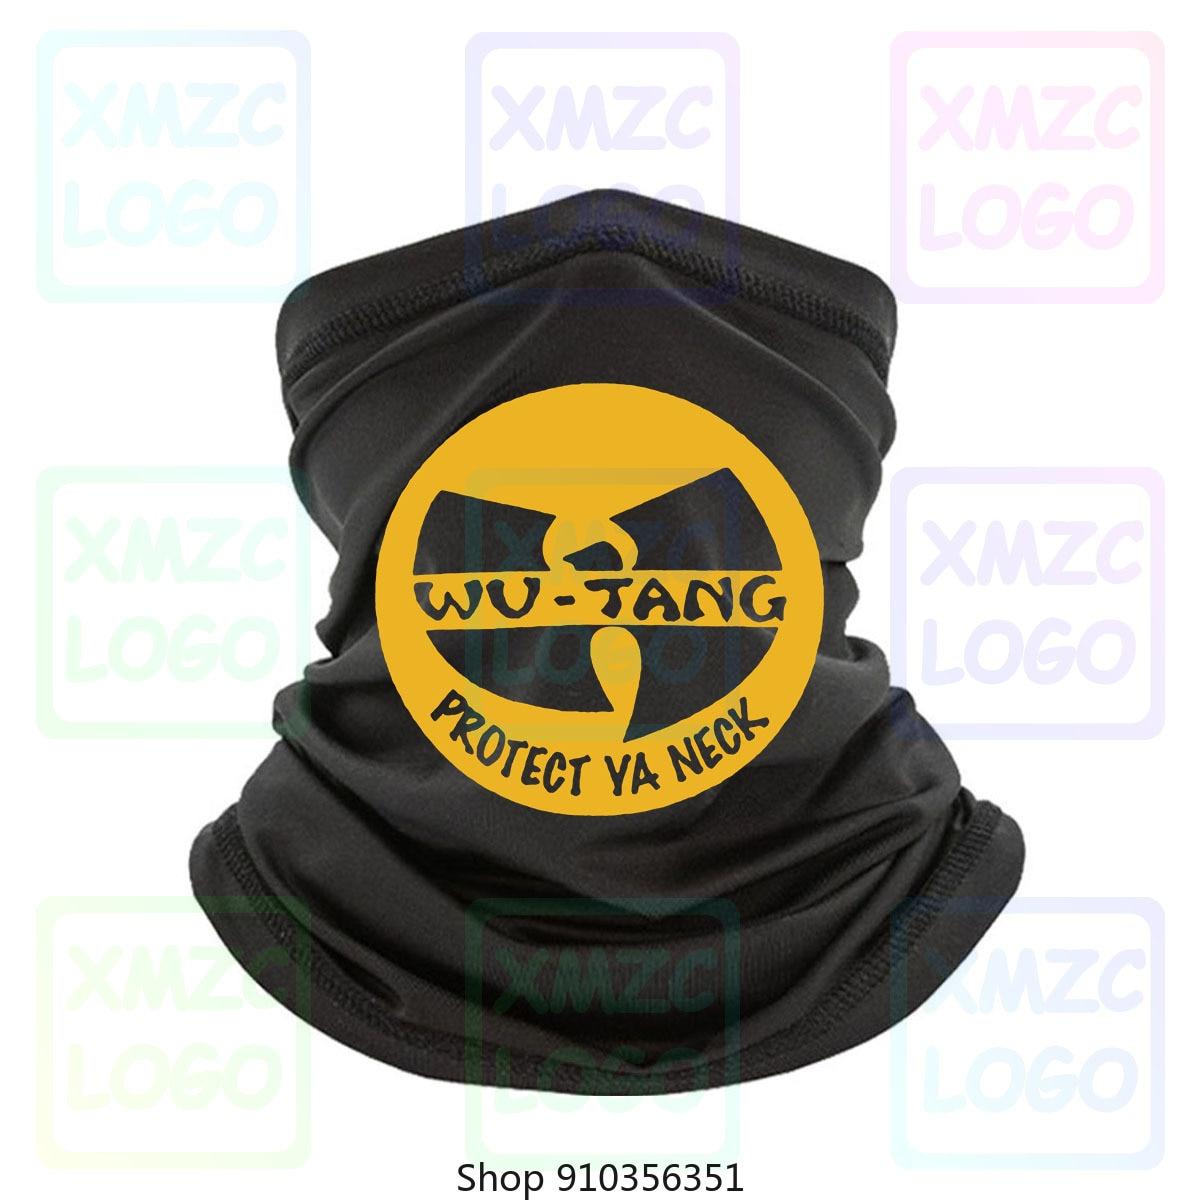 O emblema do clã de wu tang protege ya pescoço rza gza rap hip hop urbano bandana t bandana bandana lenço pescoço mais quente